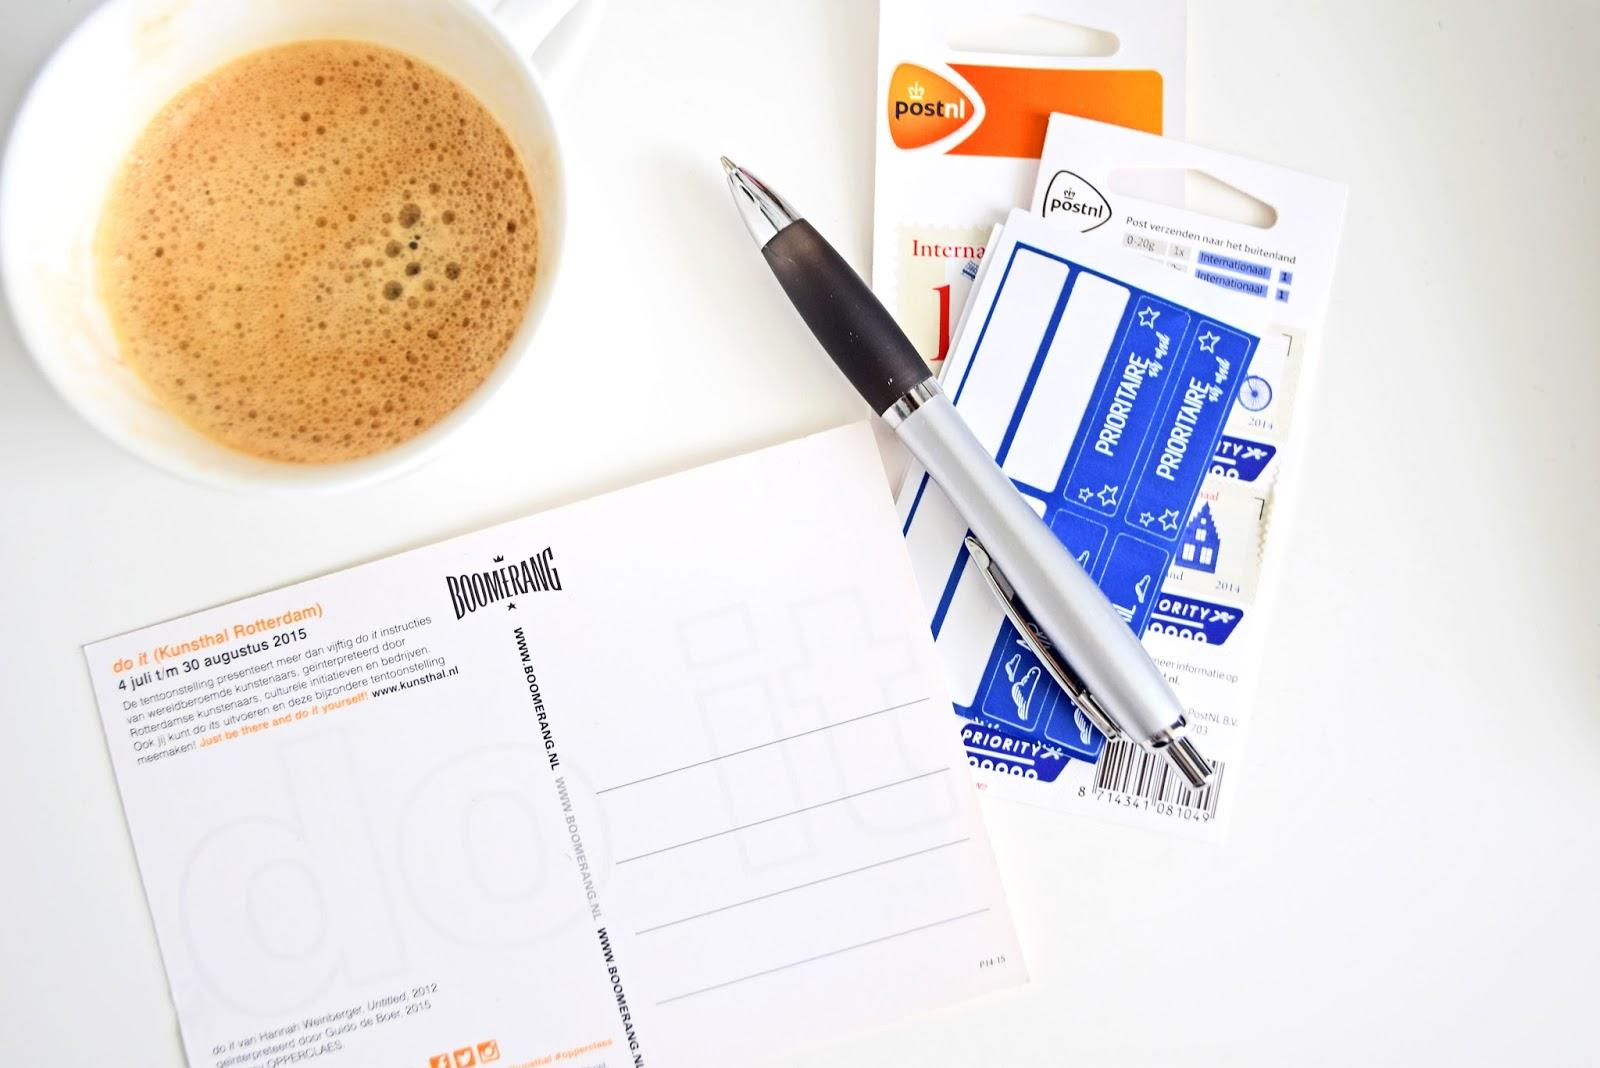 jak wysyłać pocztówki ze strony postcrossing?